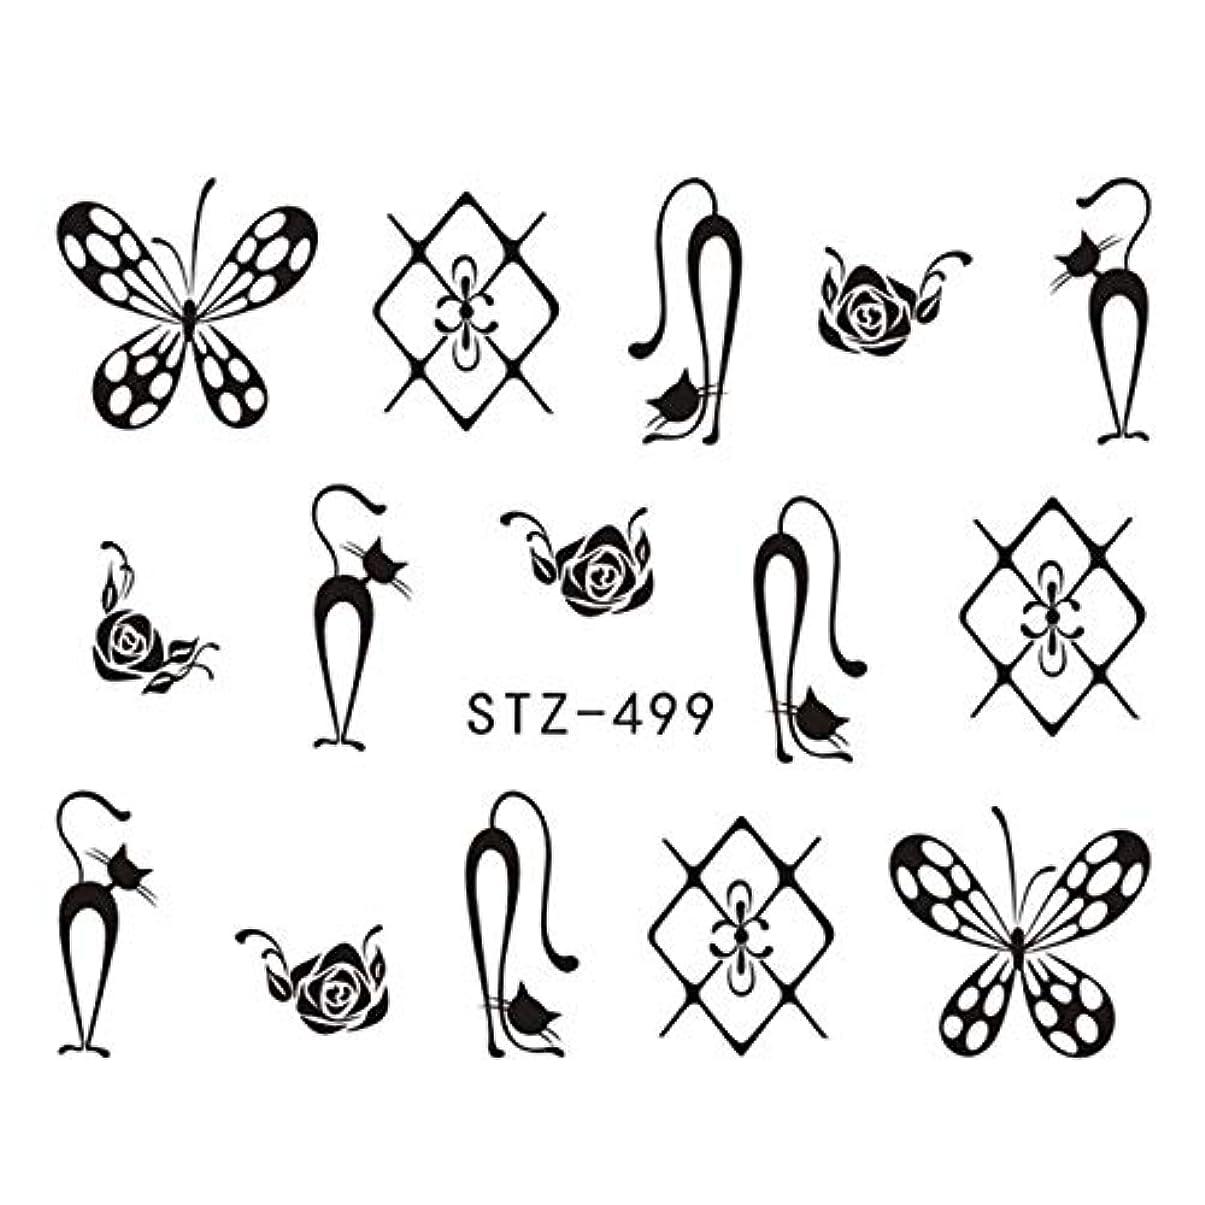 狂乱筋生むCELINEZL CELINEZL 3 PCS DIYファッション水転写アートデカールネイルステッカー(STZ500) (色 : STZ499)